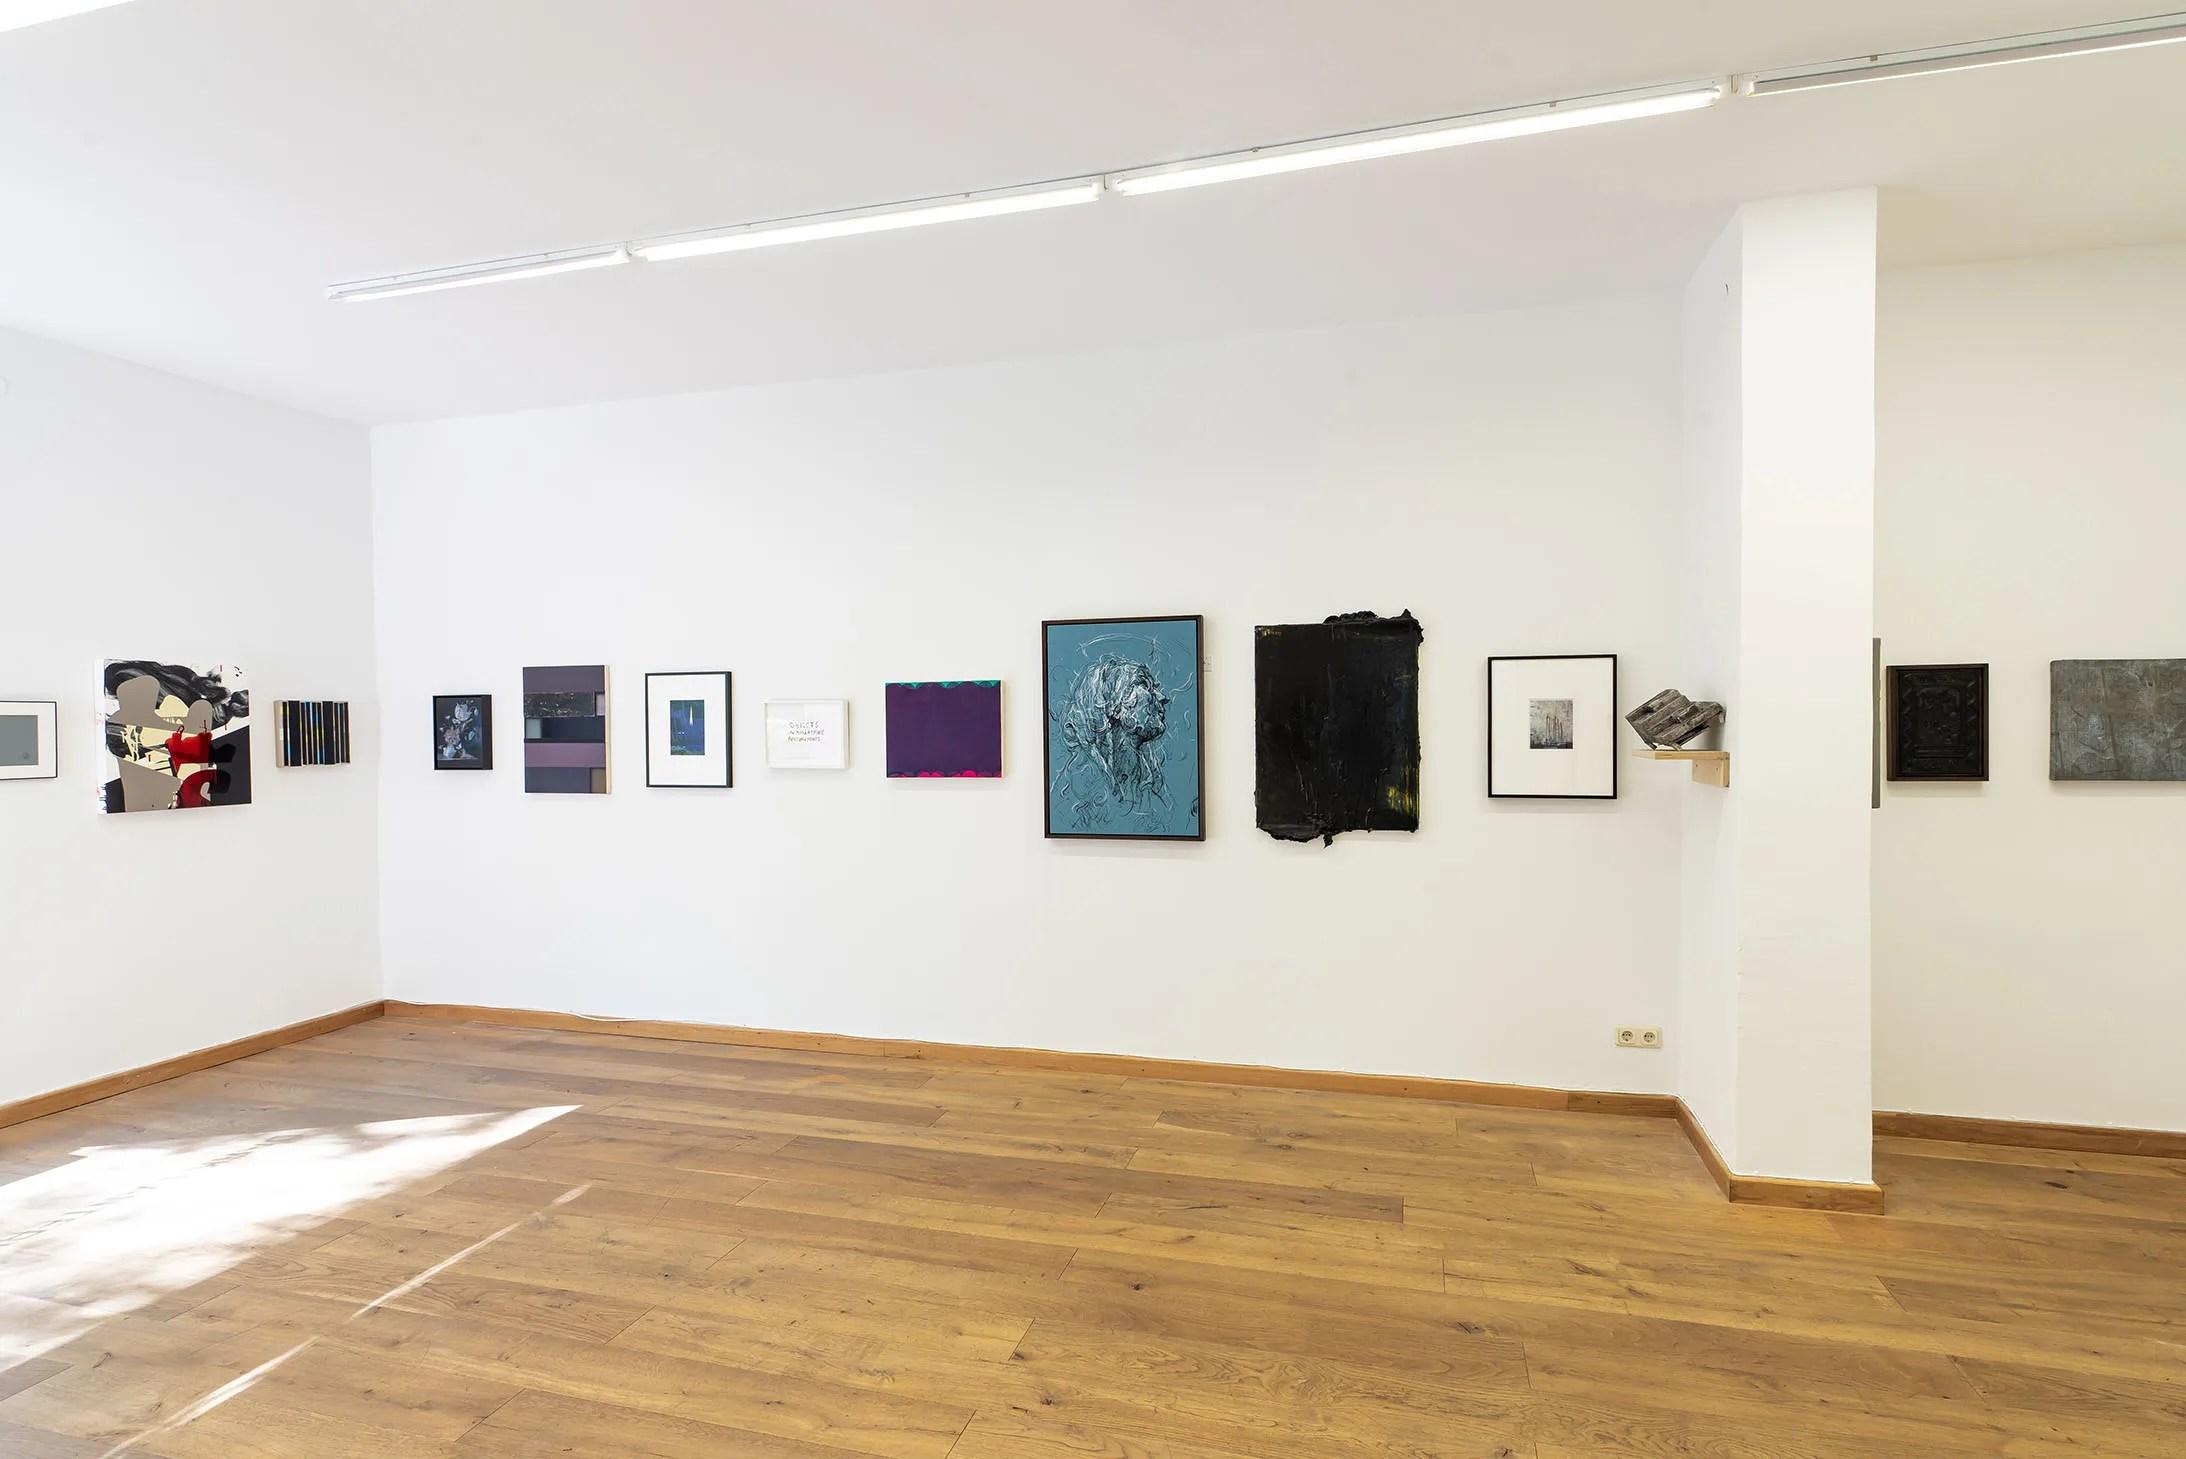 DARK LANTERN - Galerie Sabine Kunst - Munich